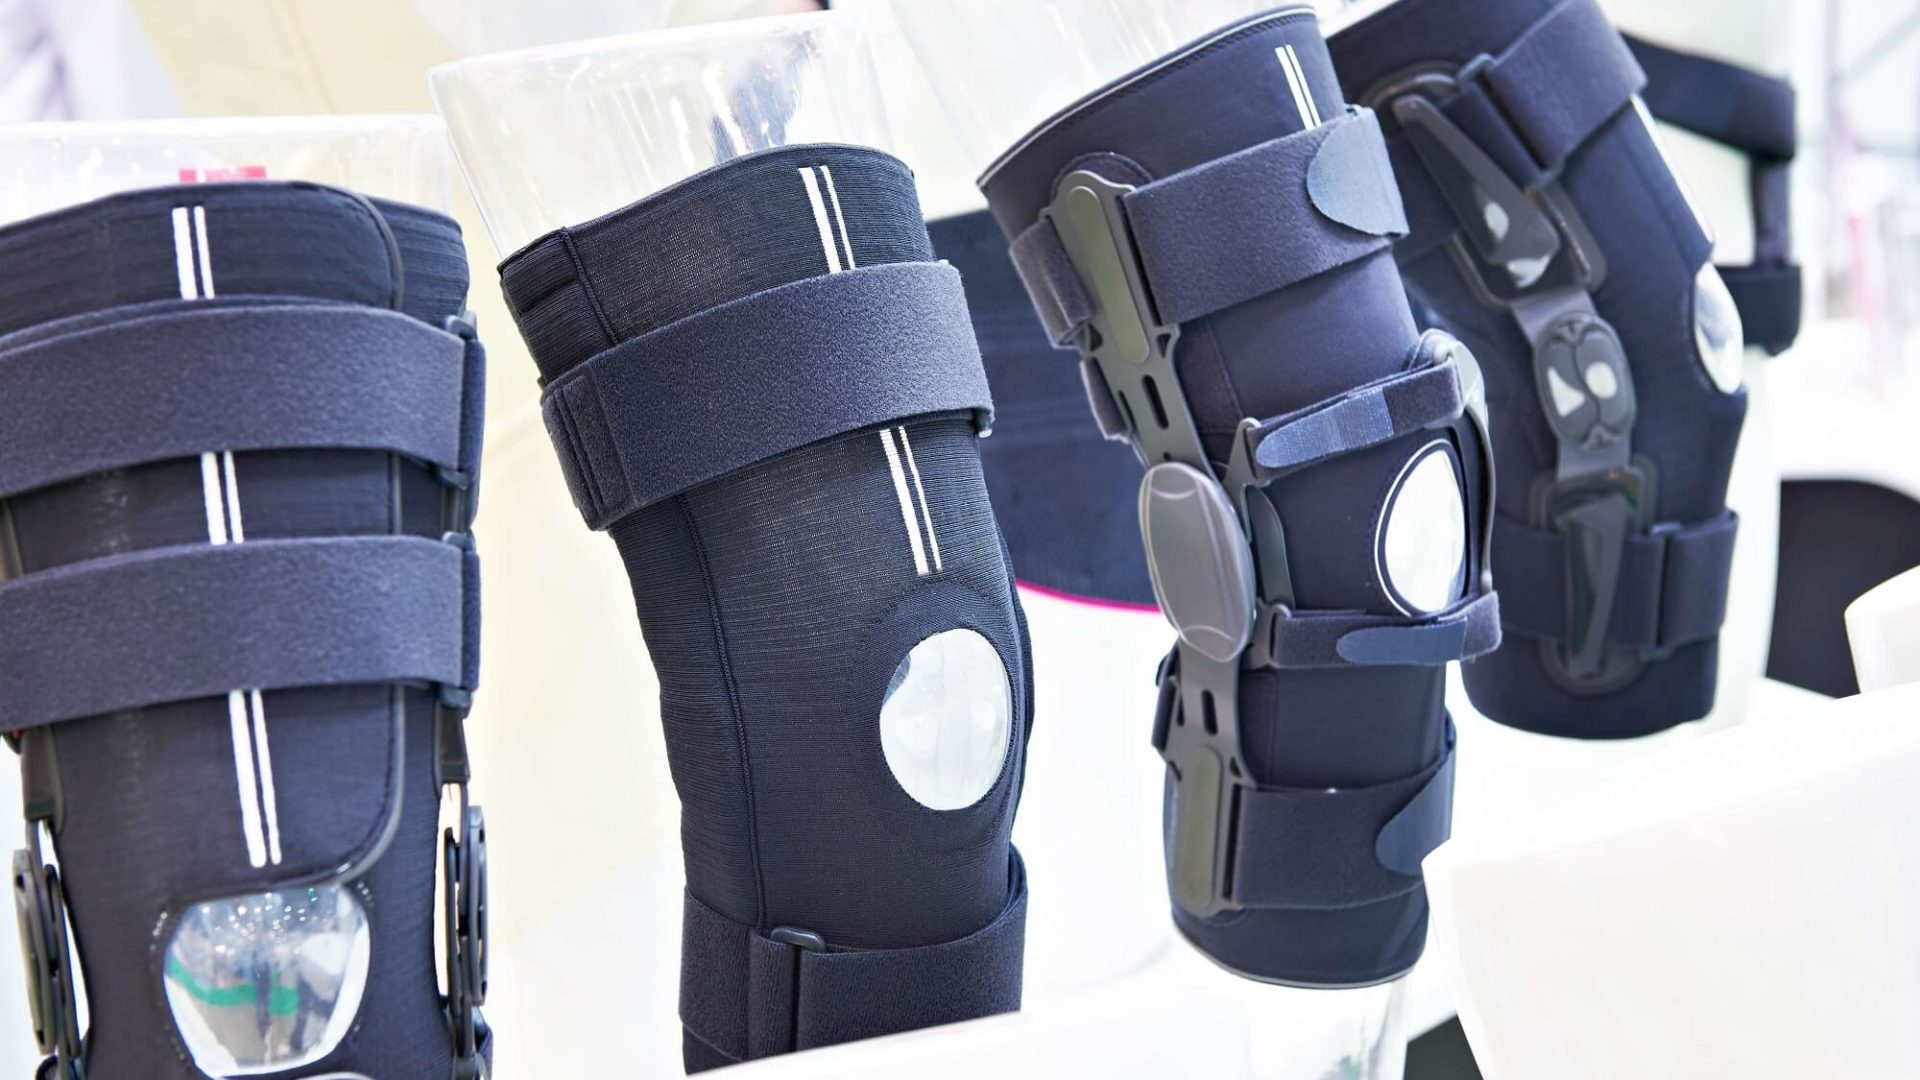 Akcesoria ortopedyczne odpowiednie do samodzielnego użytkowania